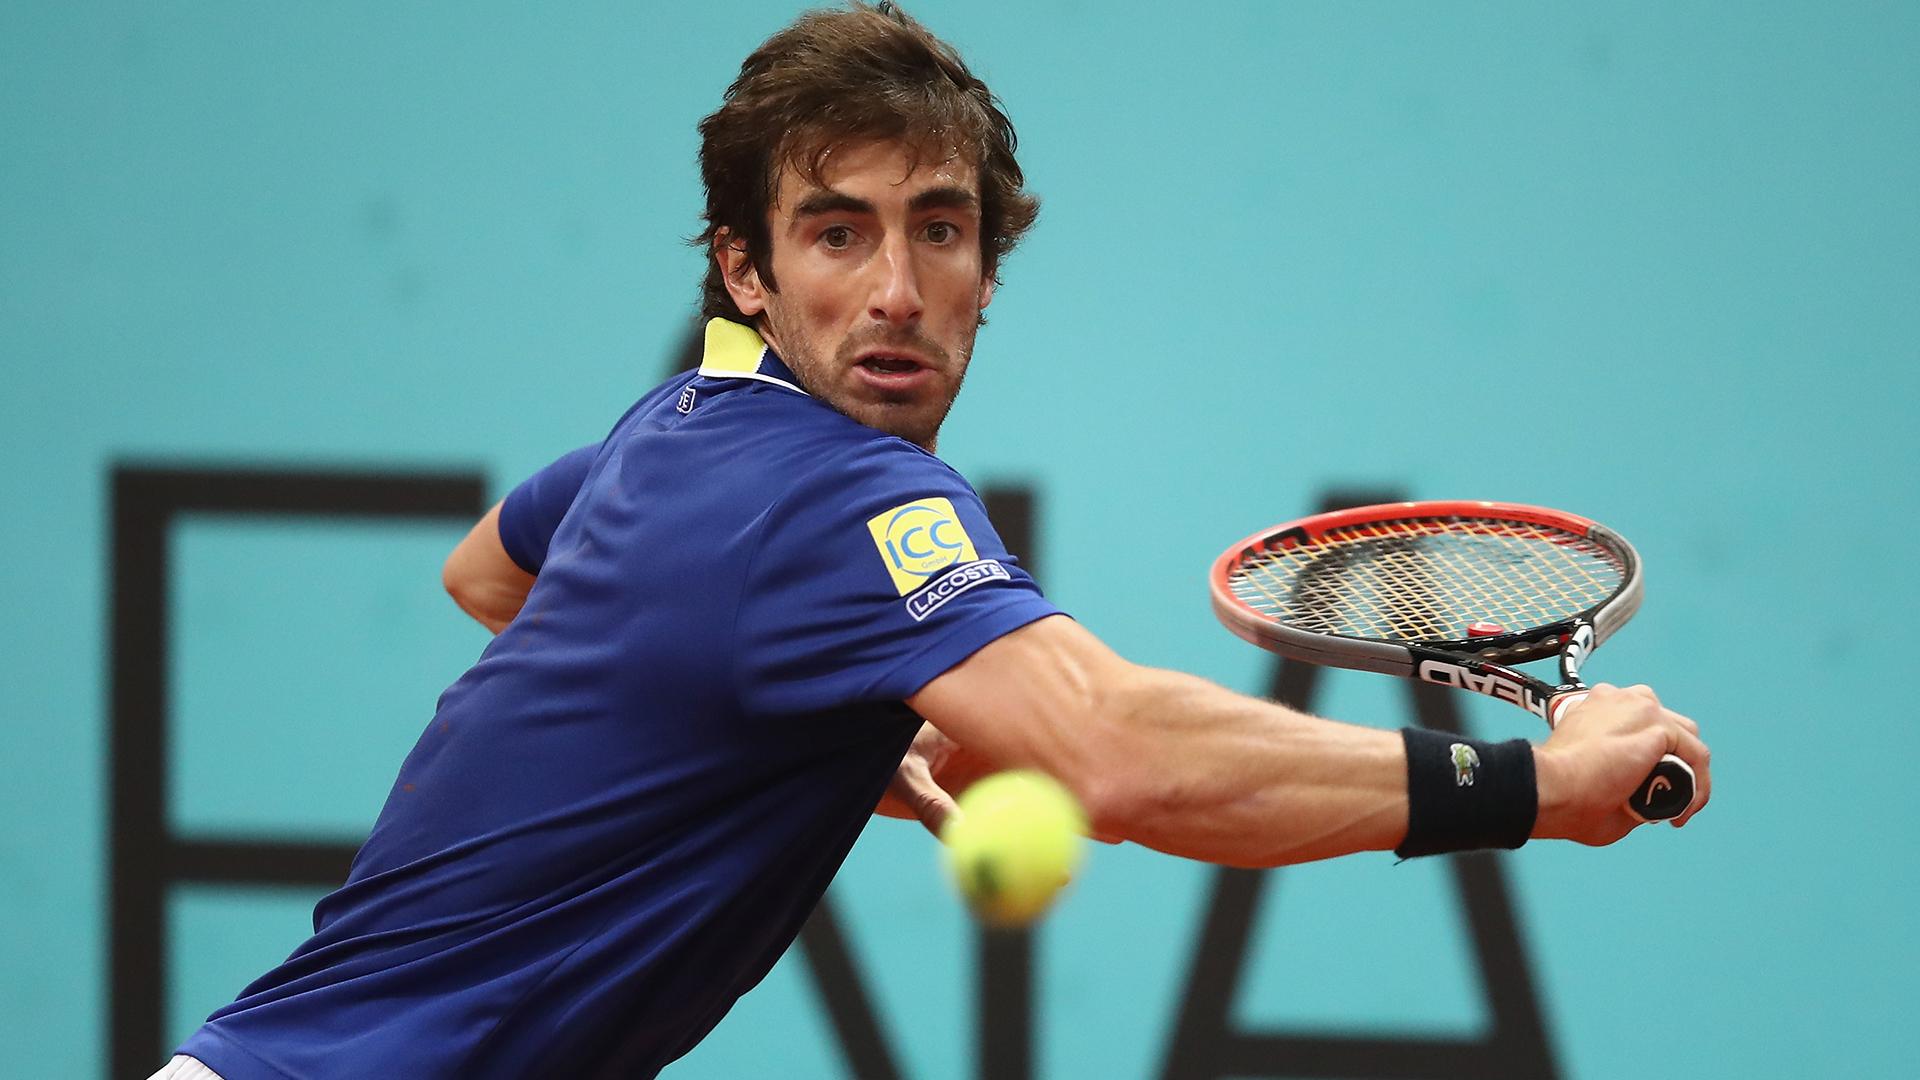 Hans Podlipnik avanzó a su primera final ATP en Kitzbuhel